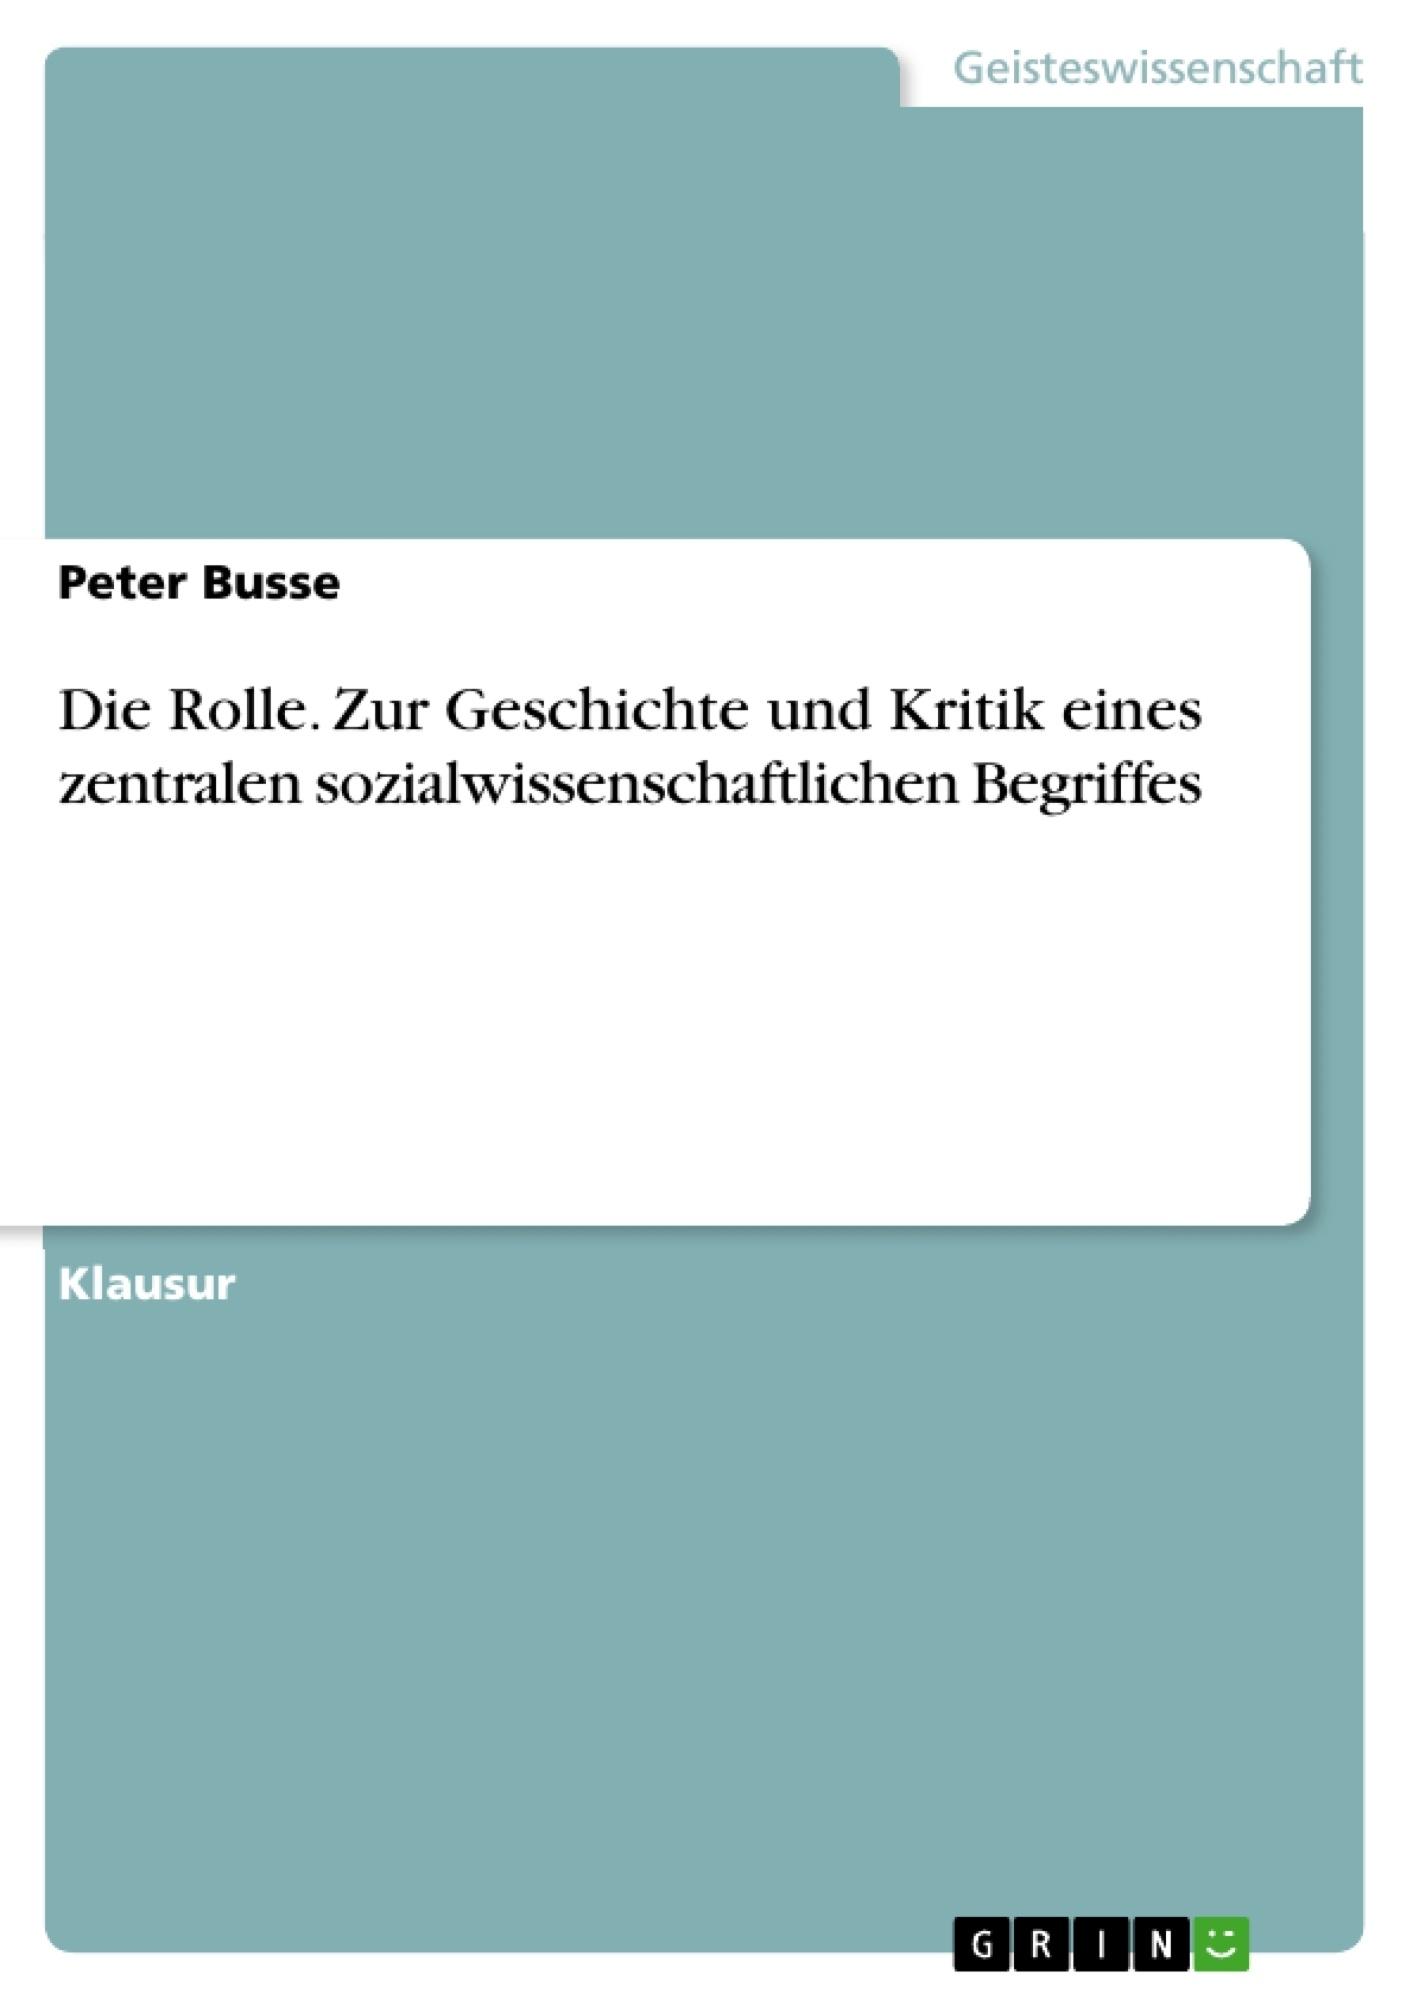 Titel: Die Rolle. Zur Geschichte und Kritik eines zentralen sozialwissenschaftlichen Begriffes